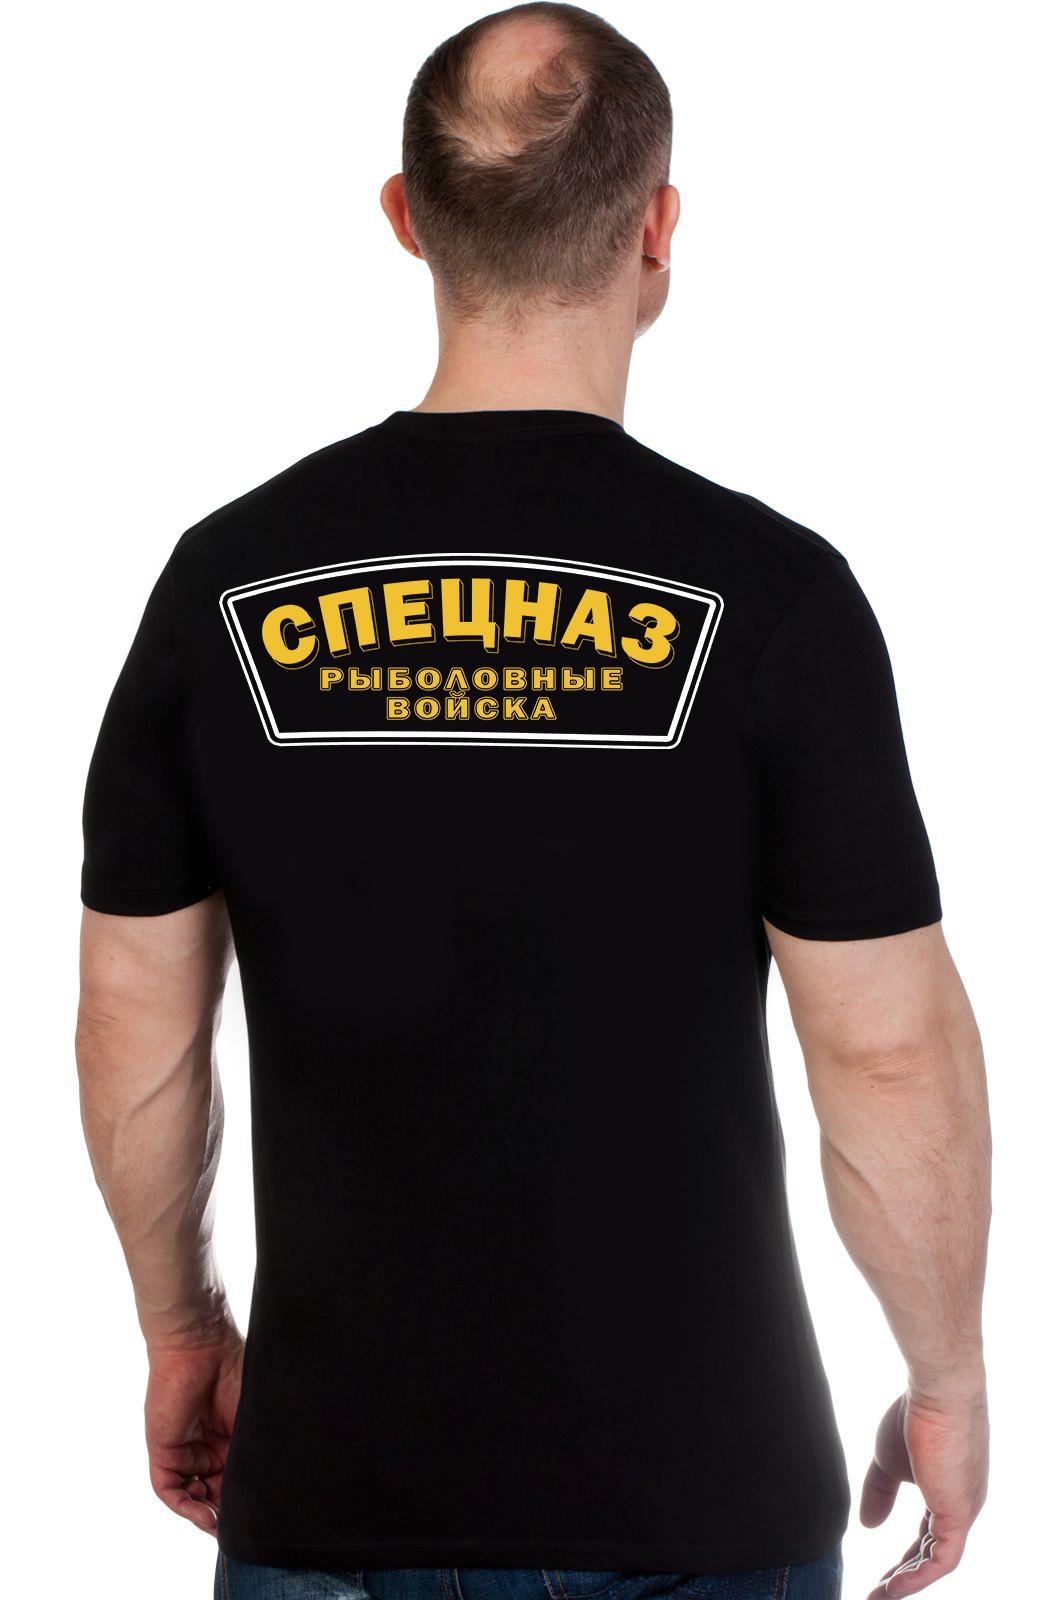 Черная мужская футболка «Спецназ, рыболовные войска»